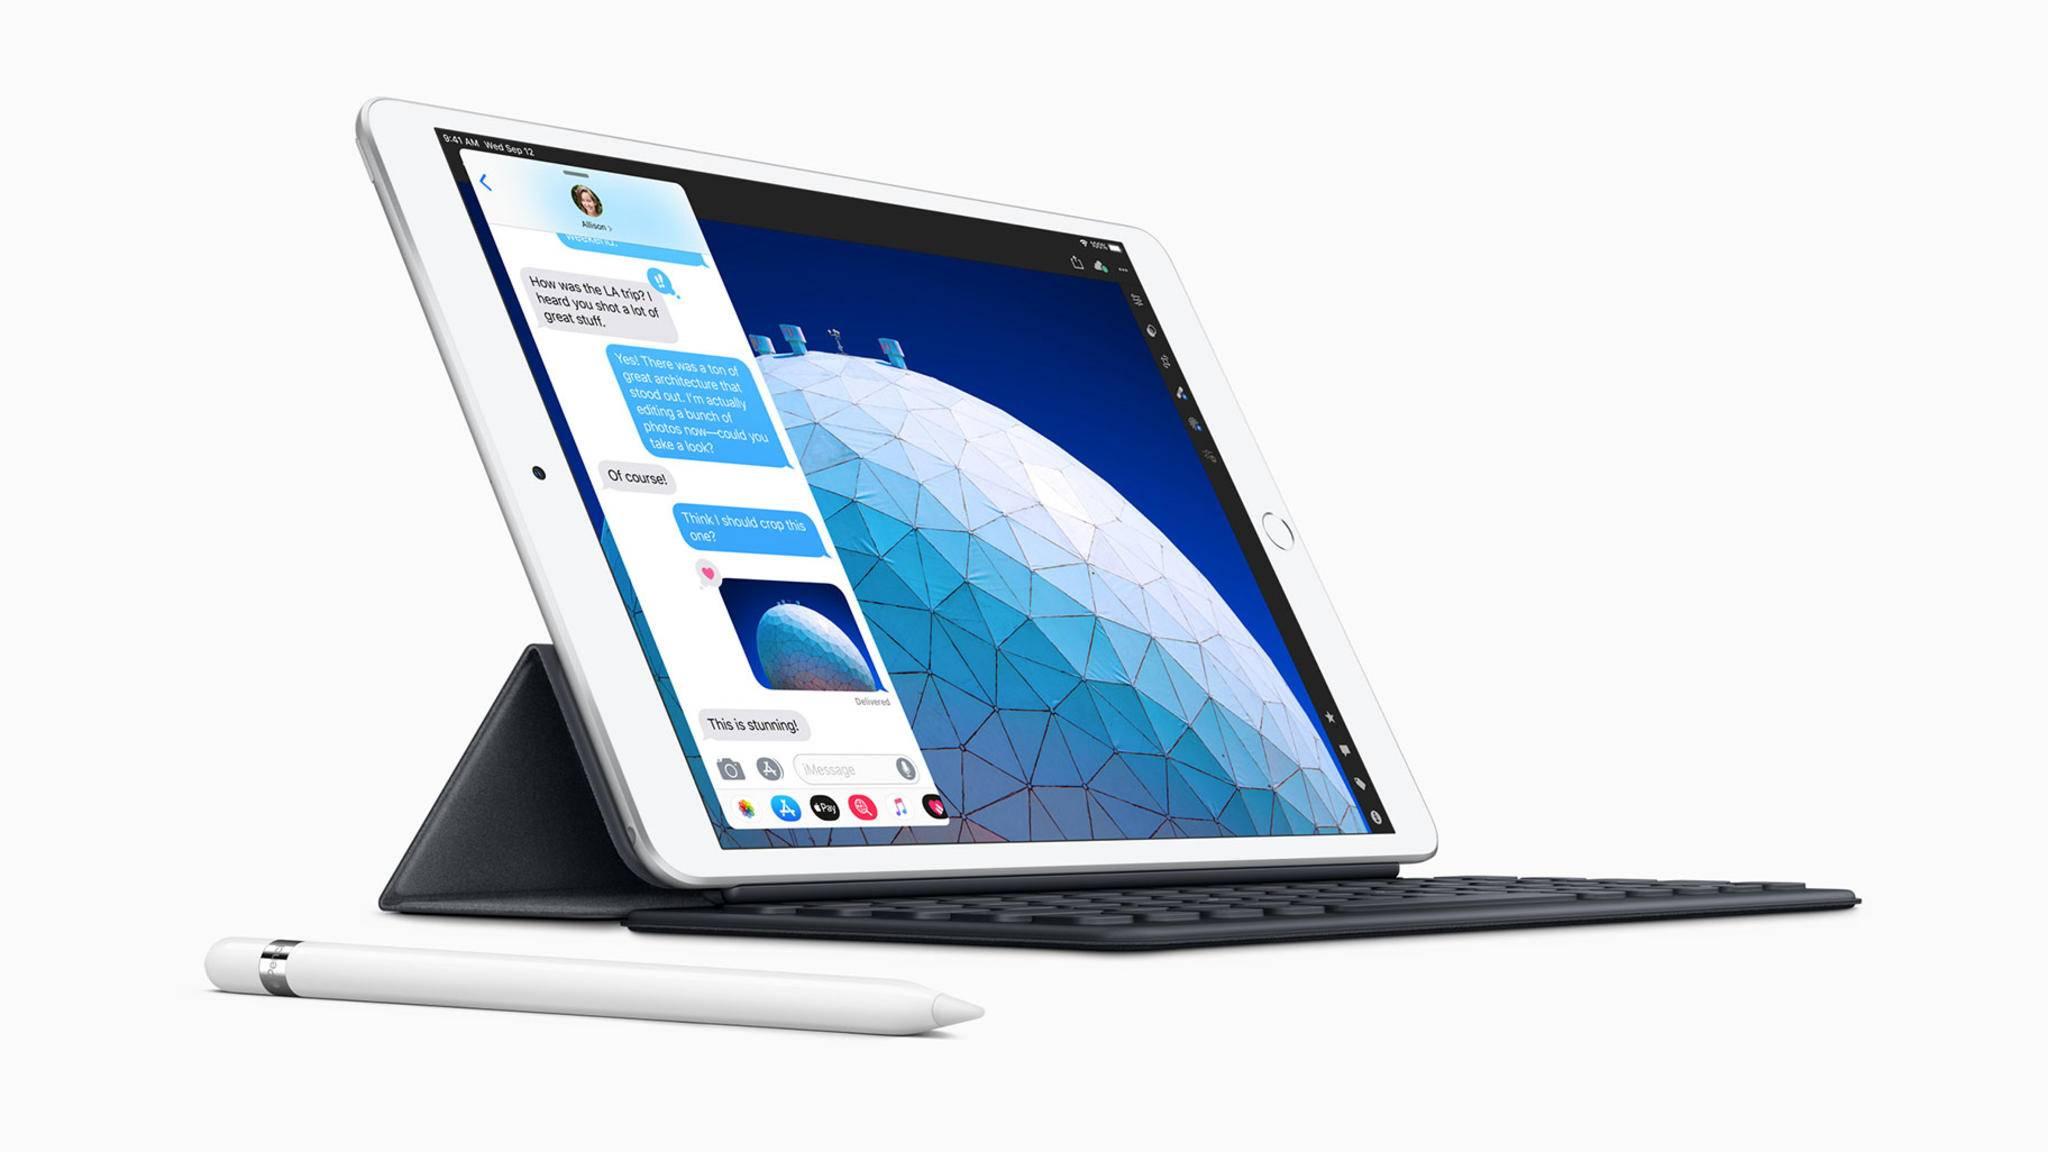 Einige Exemplare des iPad Air 3 leiden unter einem Displayfehler.